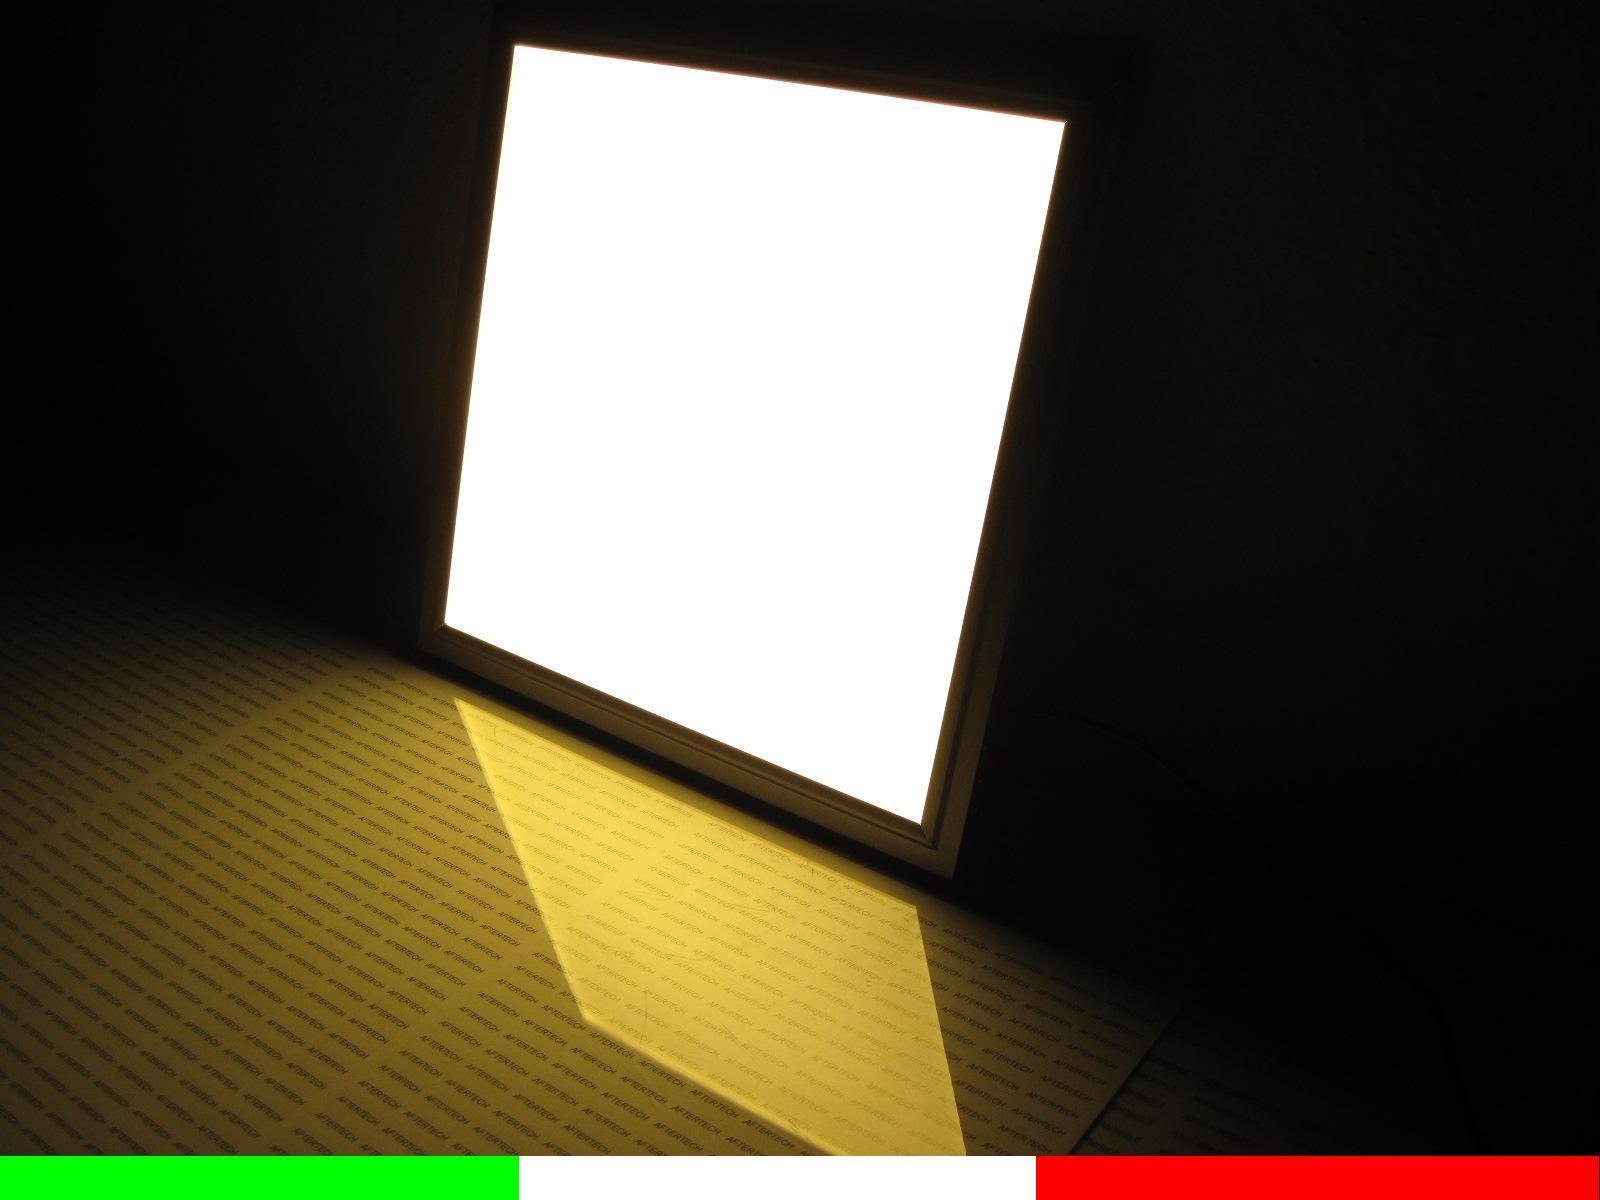 Plafoniera Led A Soffitto : Pannello plafoniera led w cm lampada soffitto bianco caldo